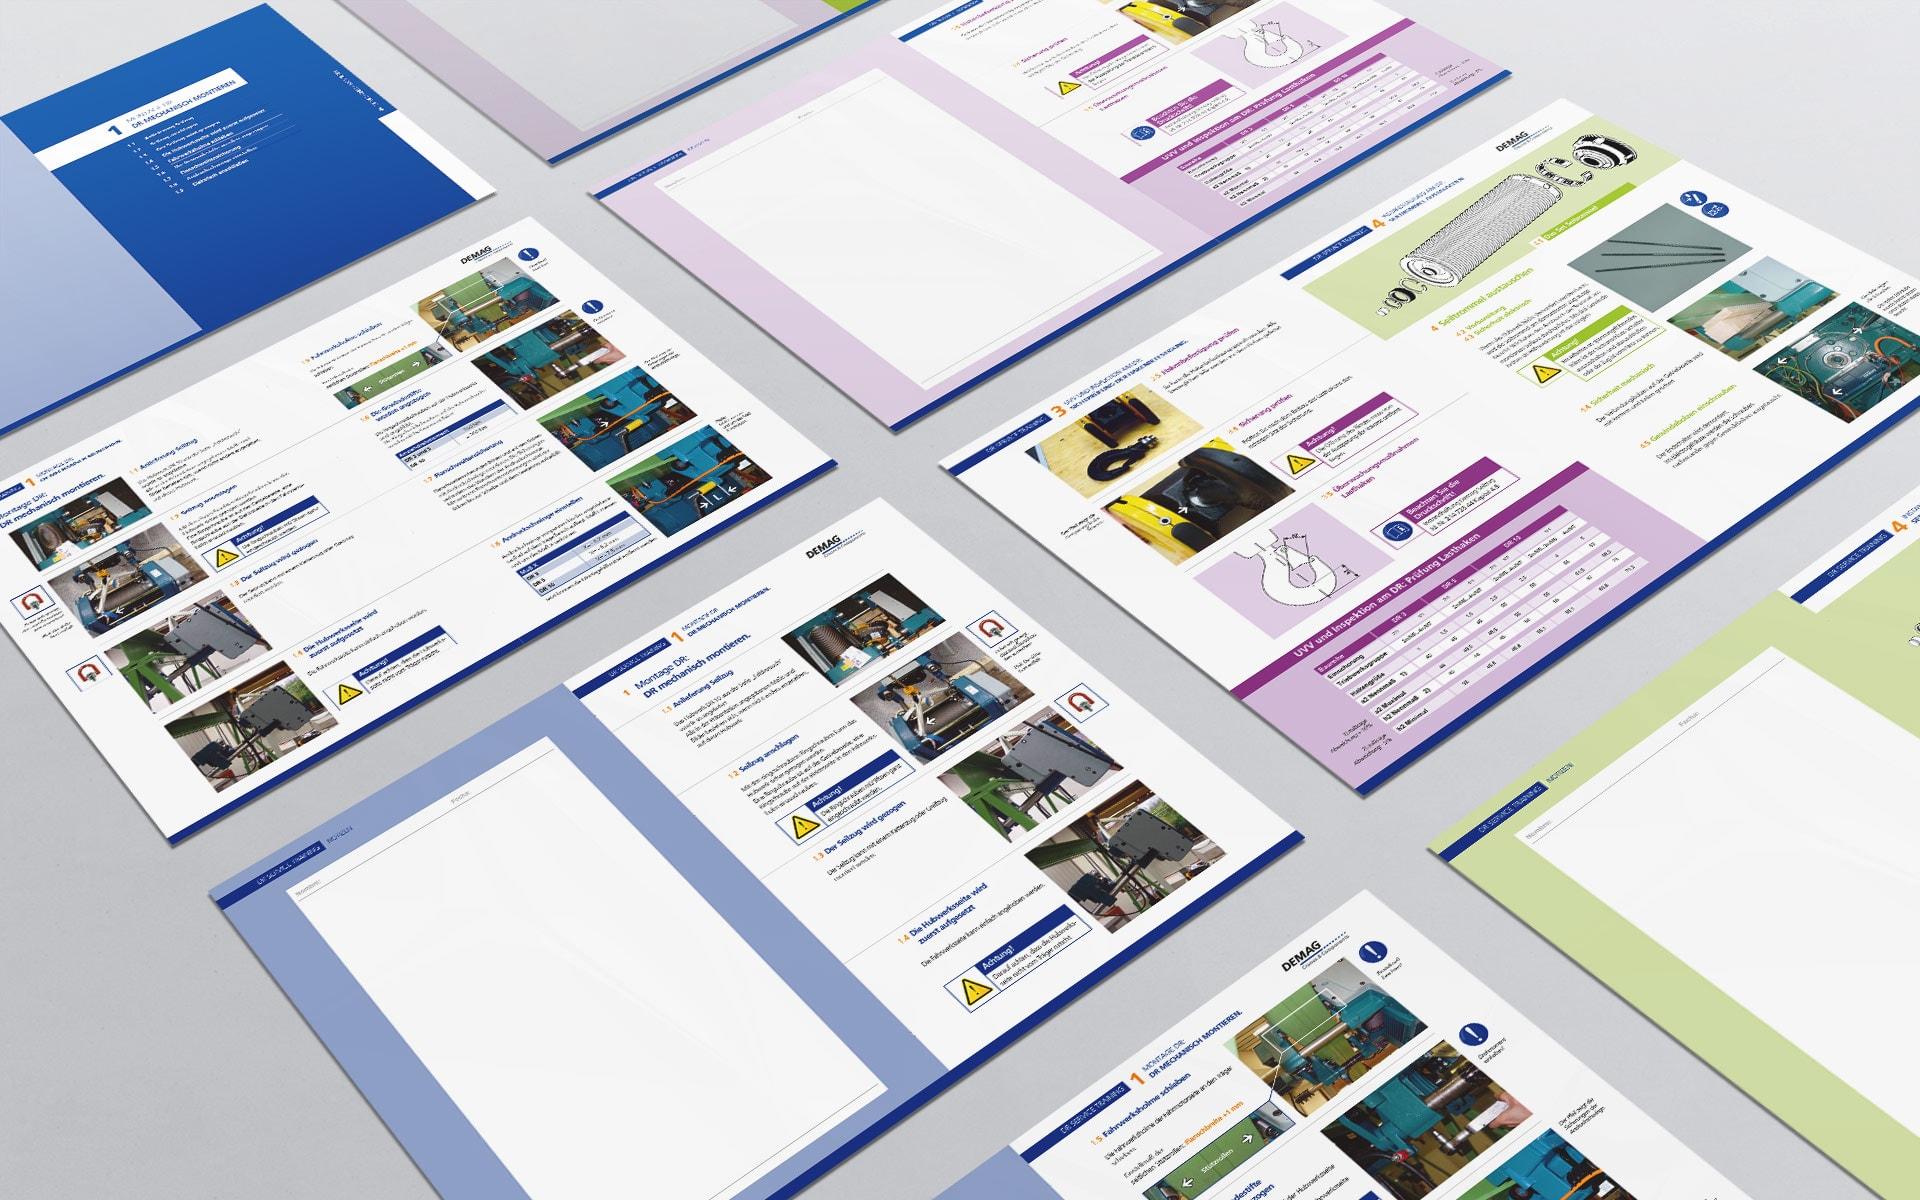 Farbsystem zur Unterteilung der Produktbereiche Diagnosehandbuch Demag Troubleshooting